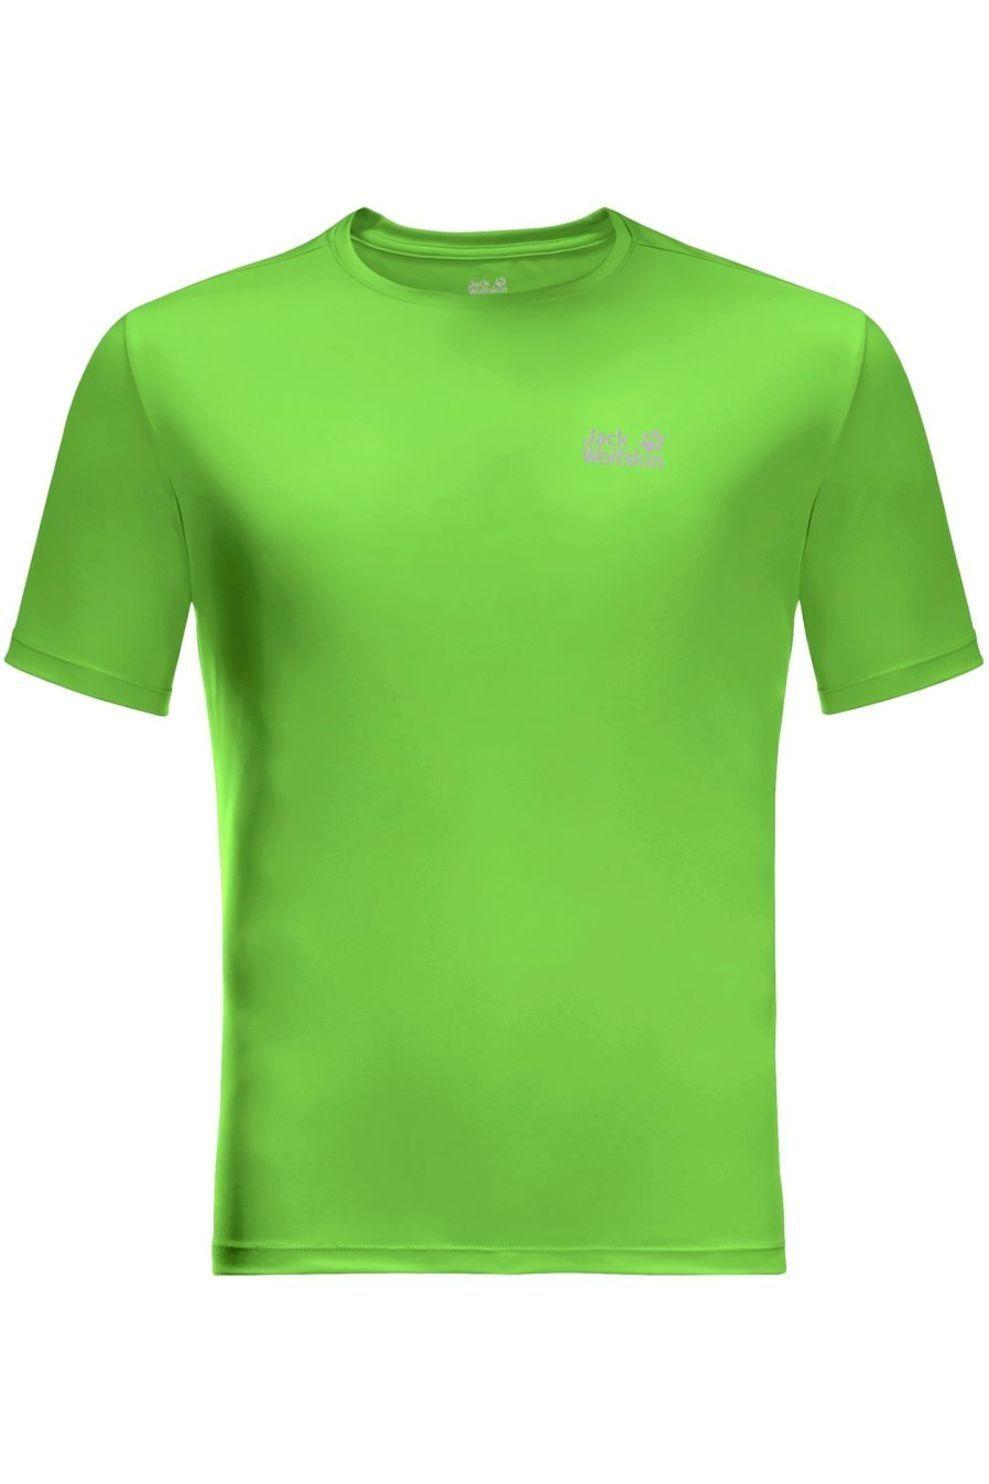 Jack Wolfskin T-Shirt Tech voor heren - Groen - Maten: M, L, XL, XXL, XXXL